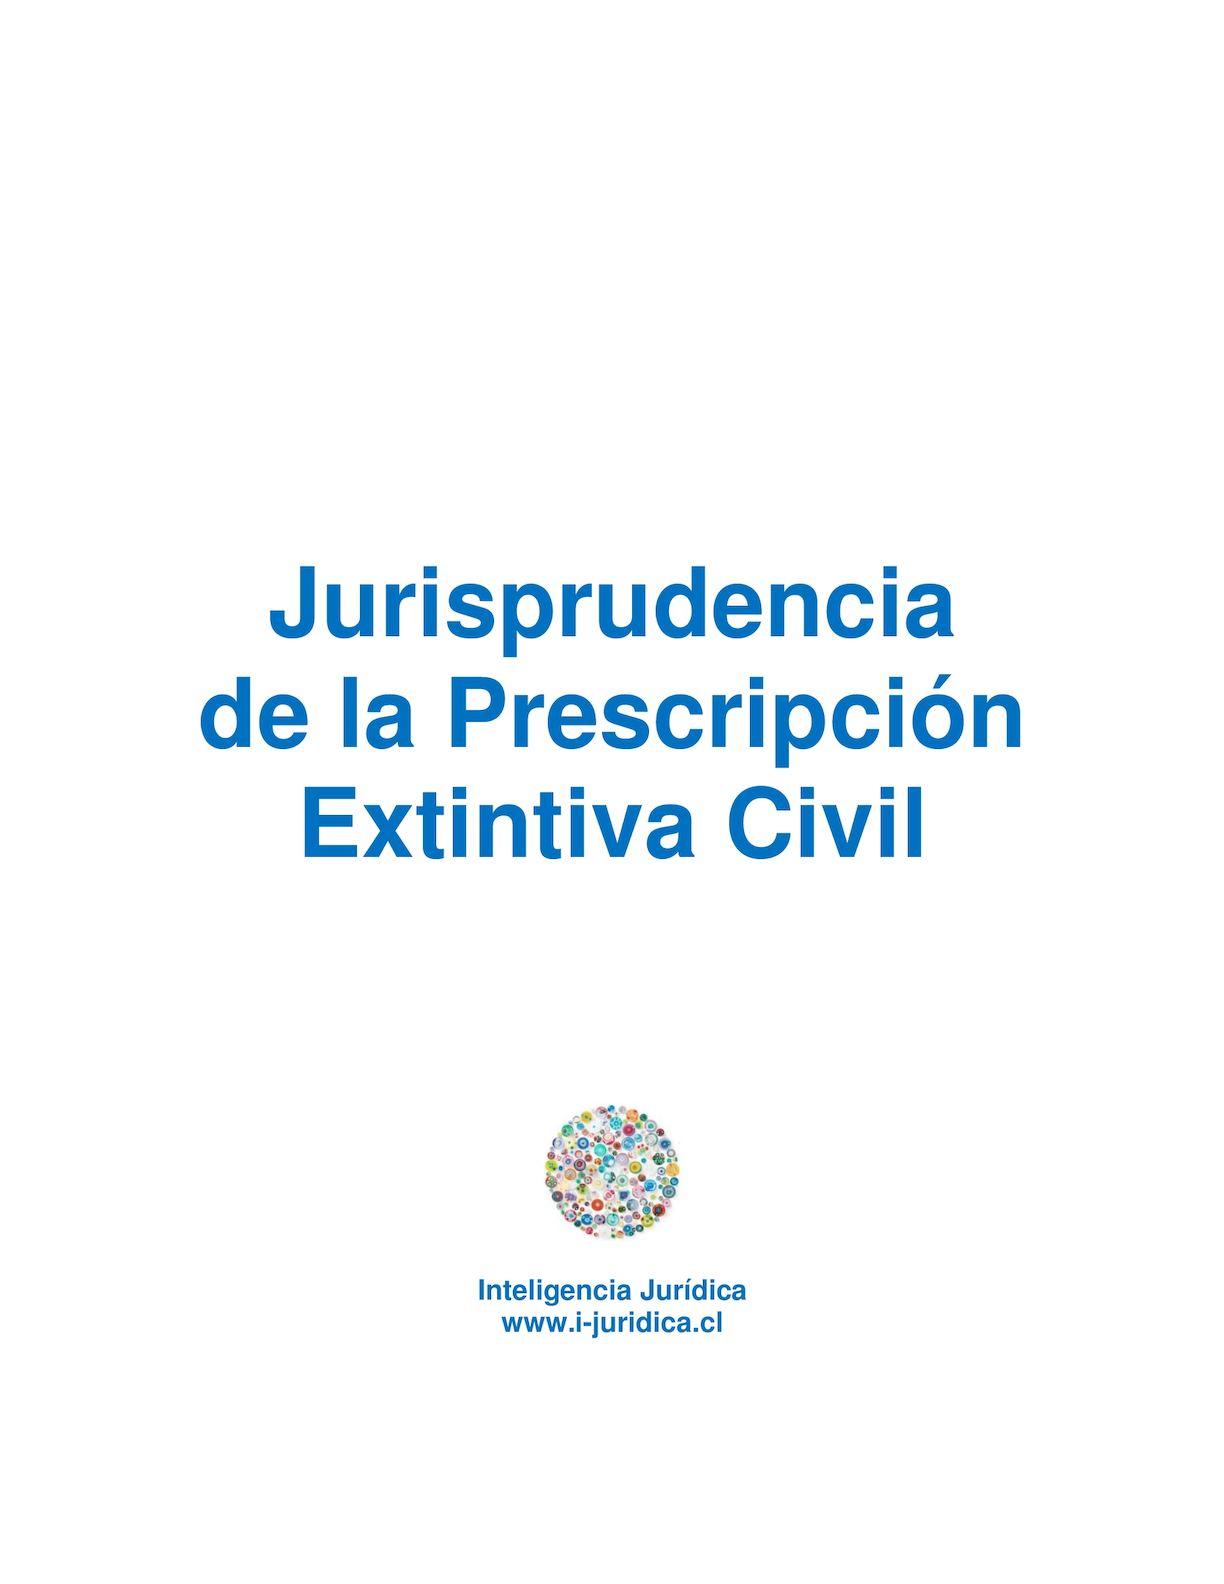 Jurisprudencia De La Prescripción Extintiva Civil